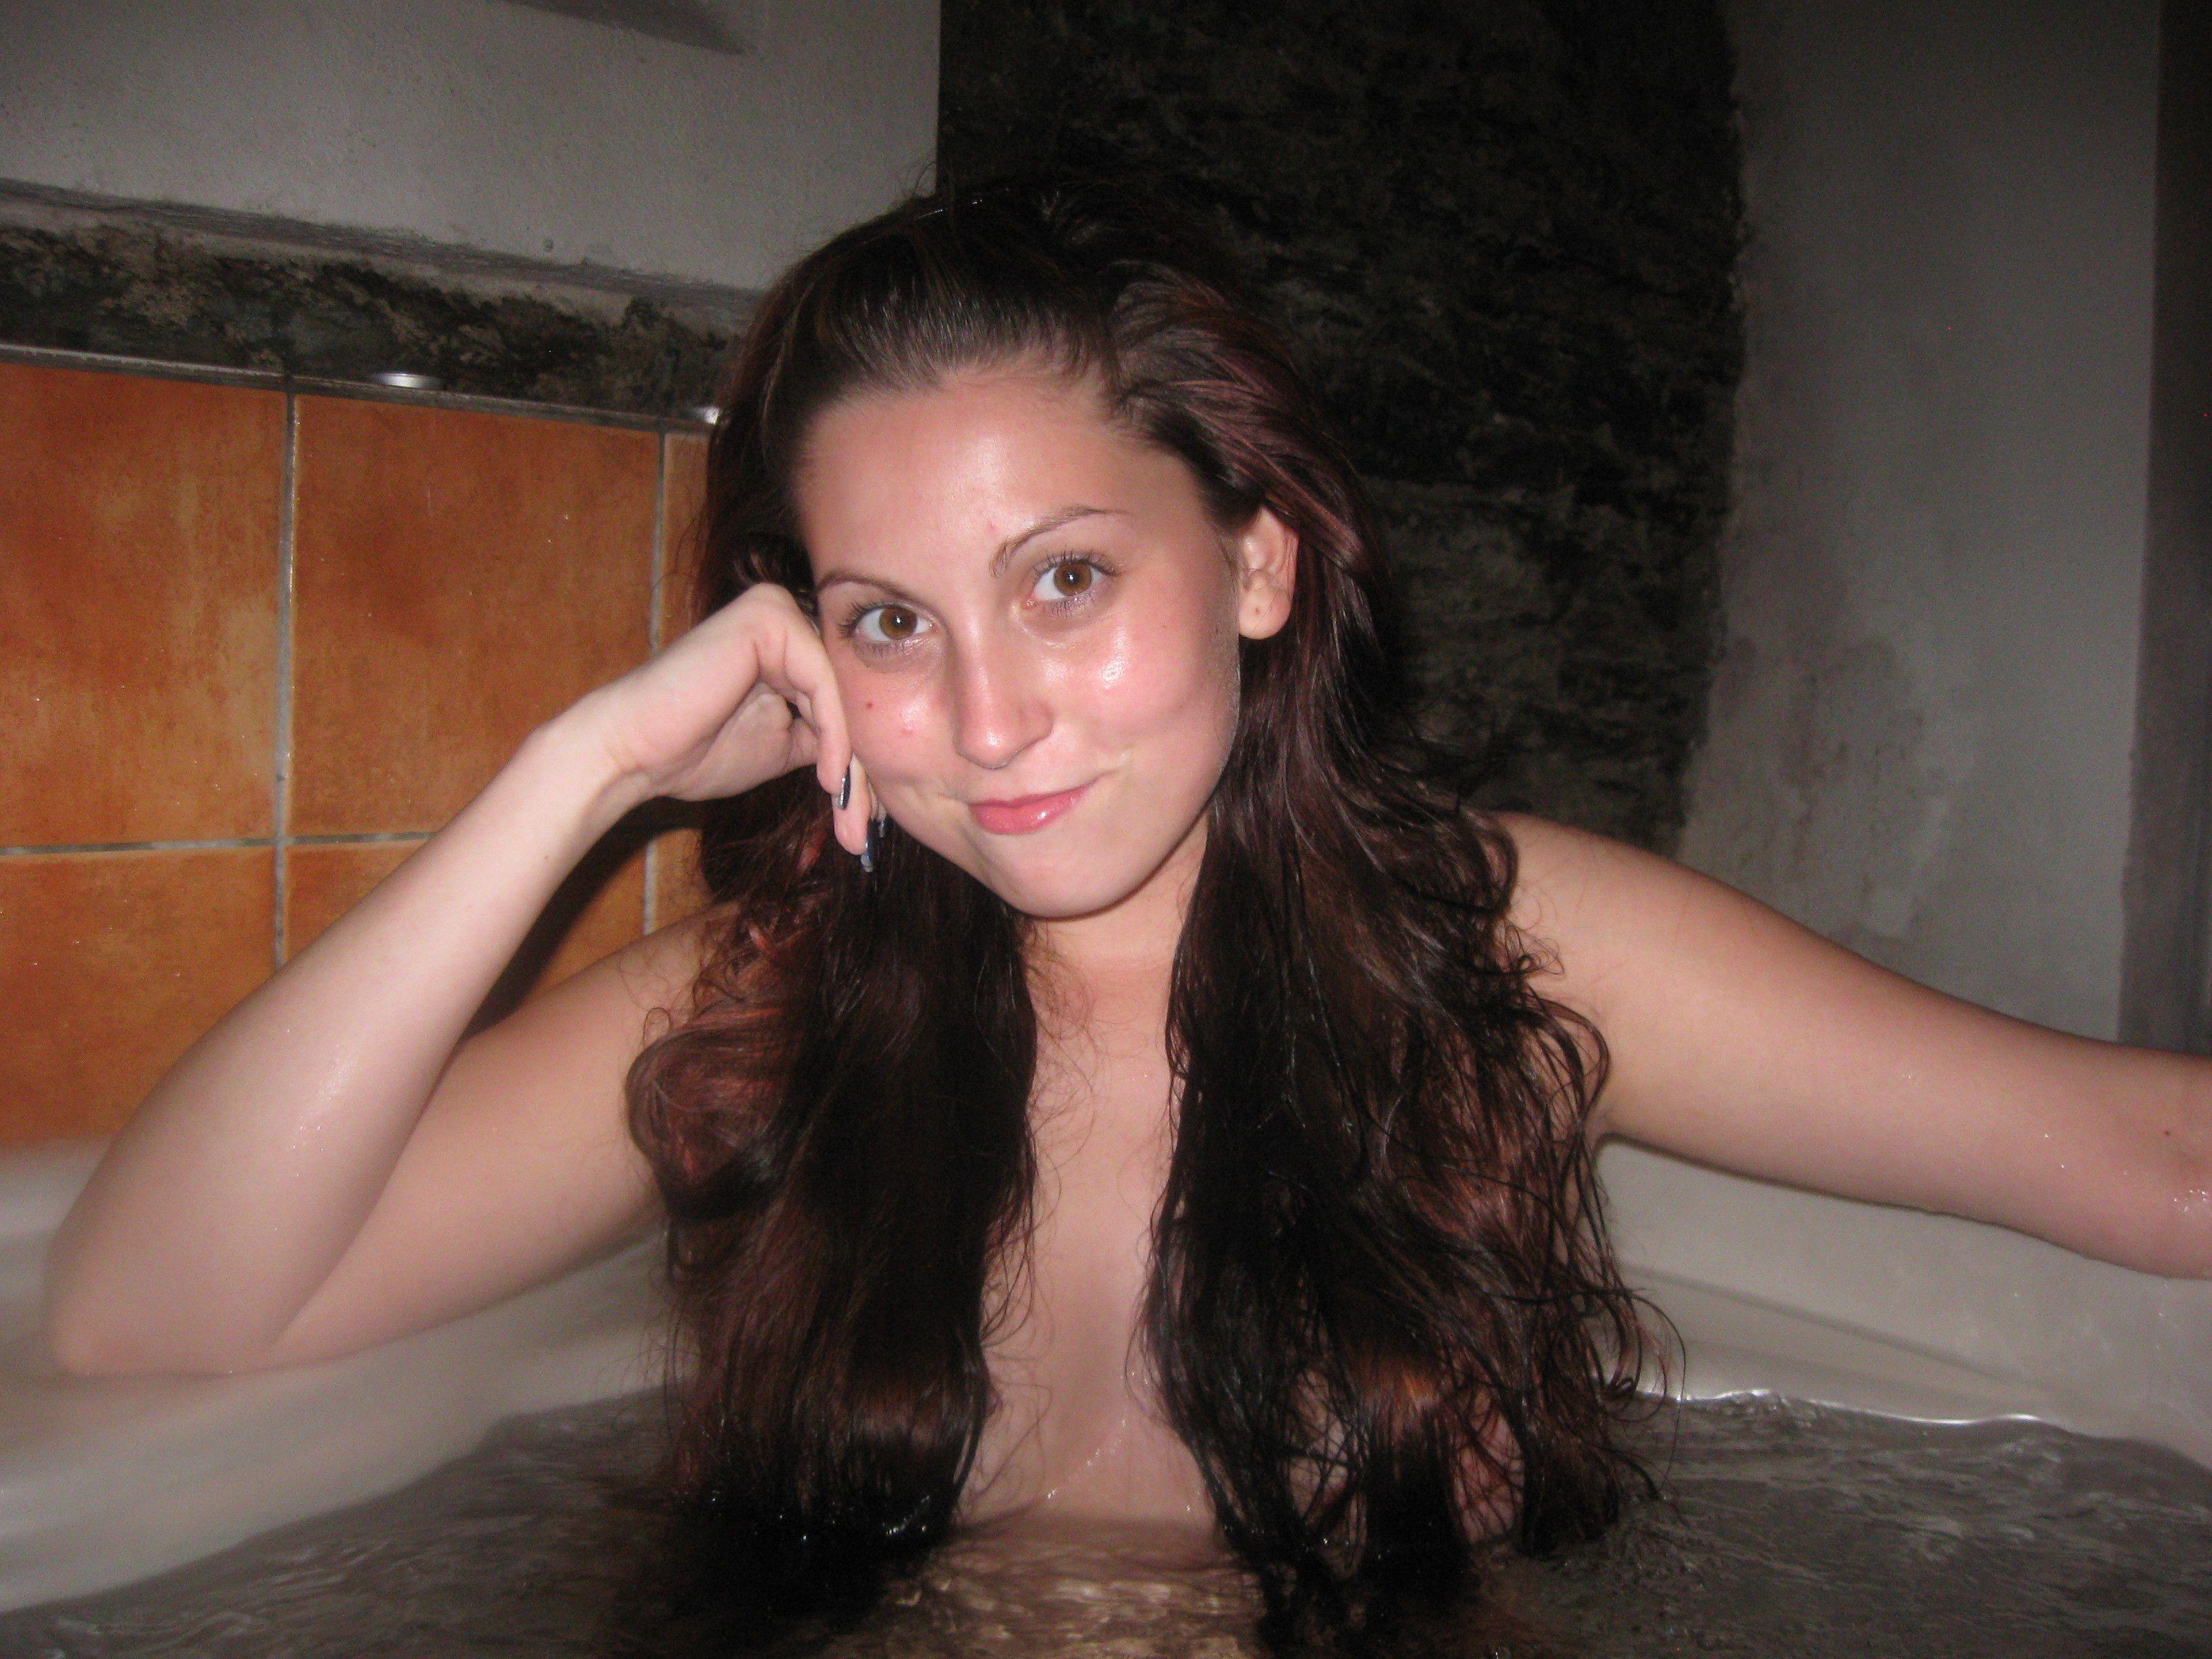 Увидел мамку в ванной 1 фотография